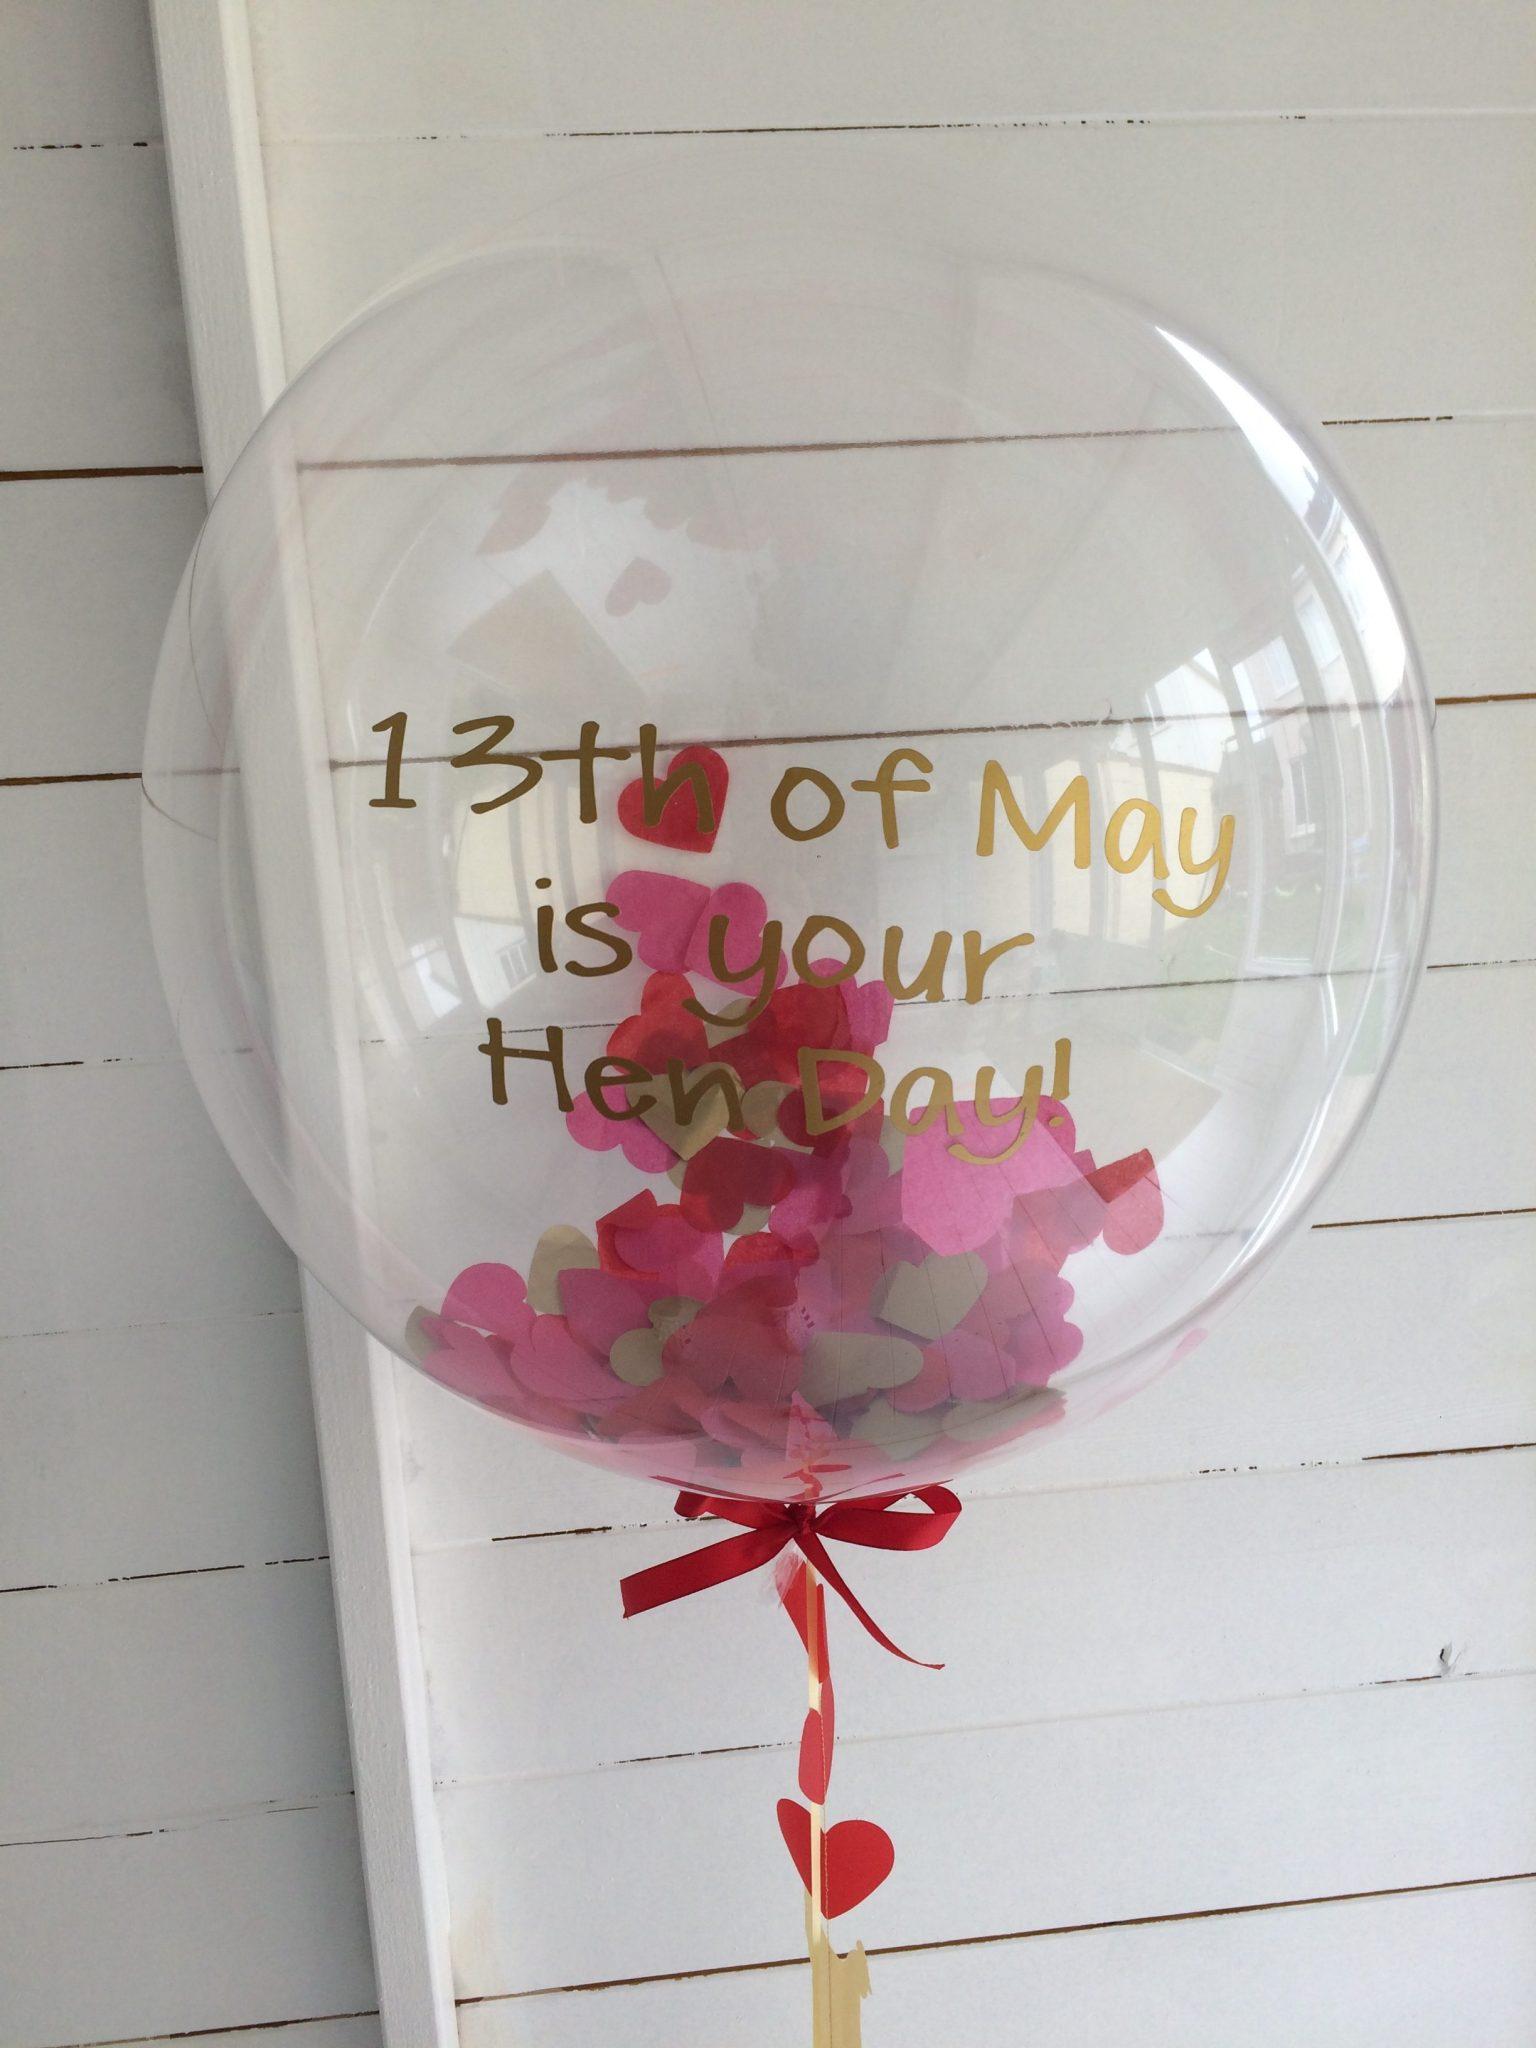 Hen Party Invite Confetti Balloon in Box - Confetti Balloons